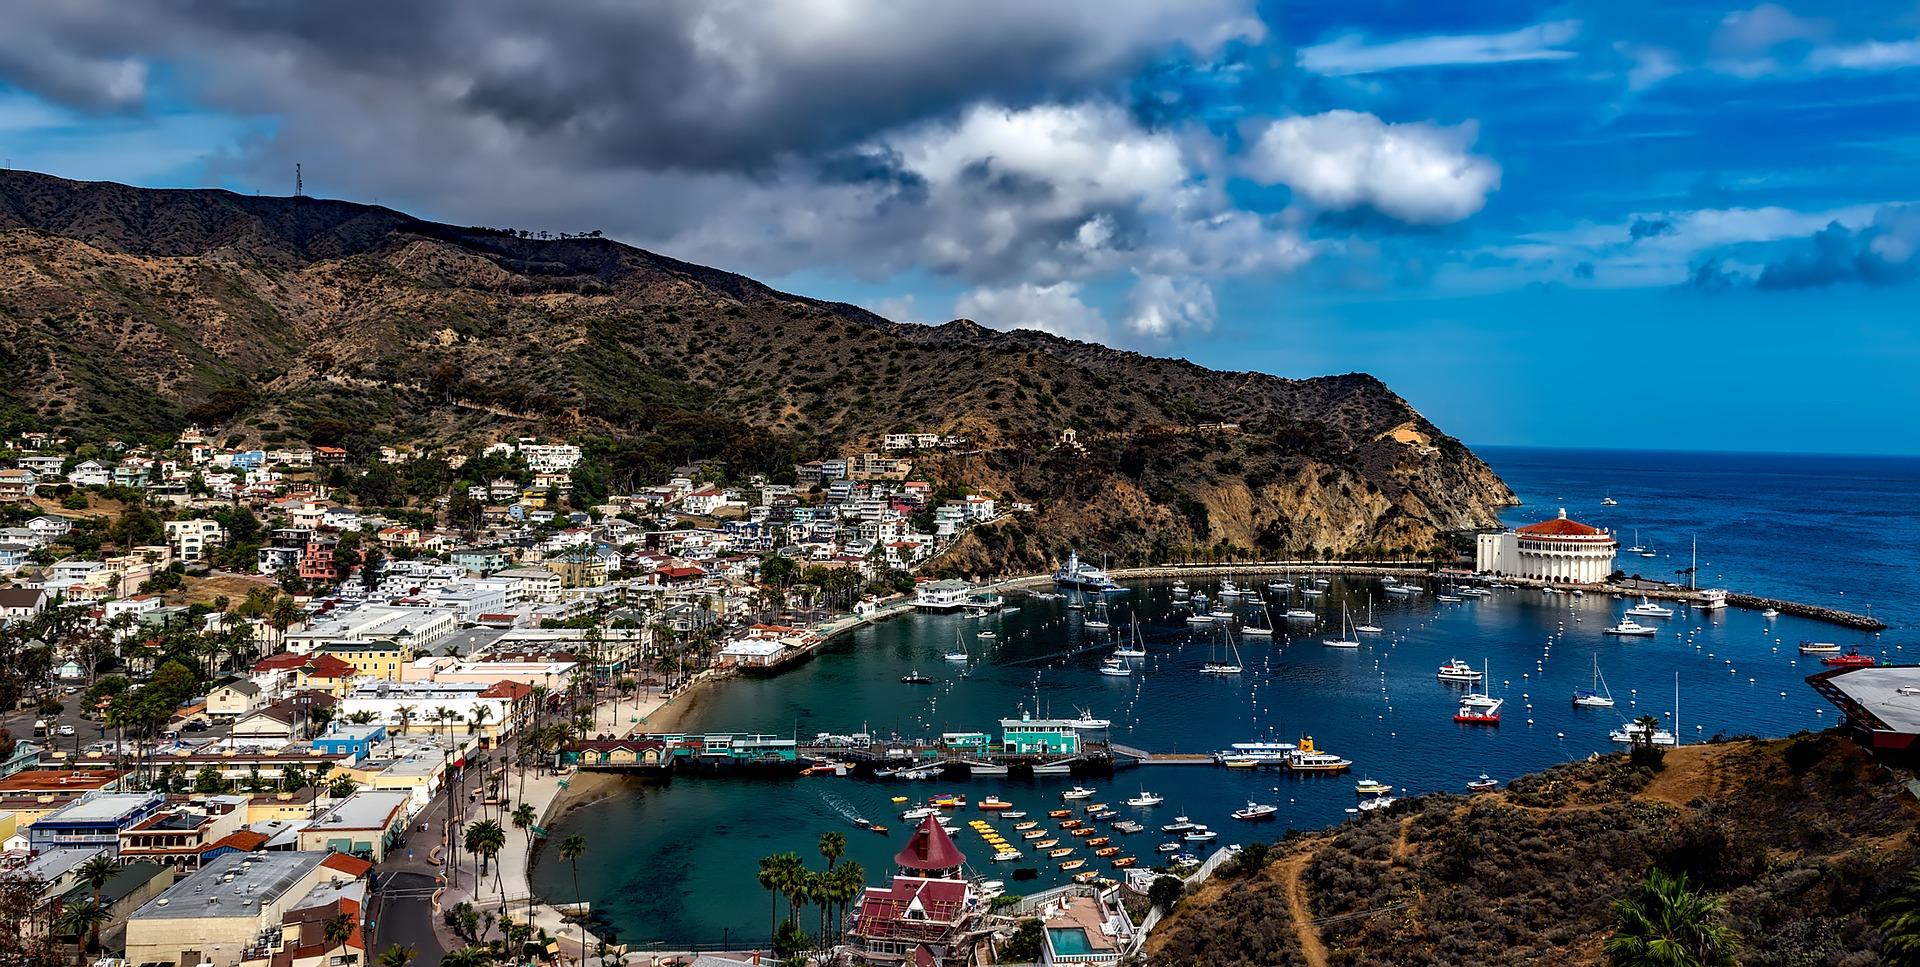 Swiwmrun Catalina Island